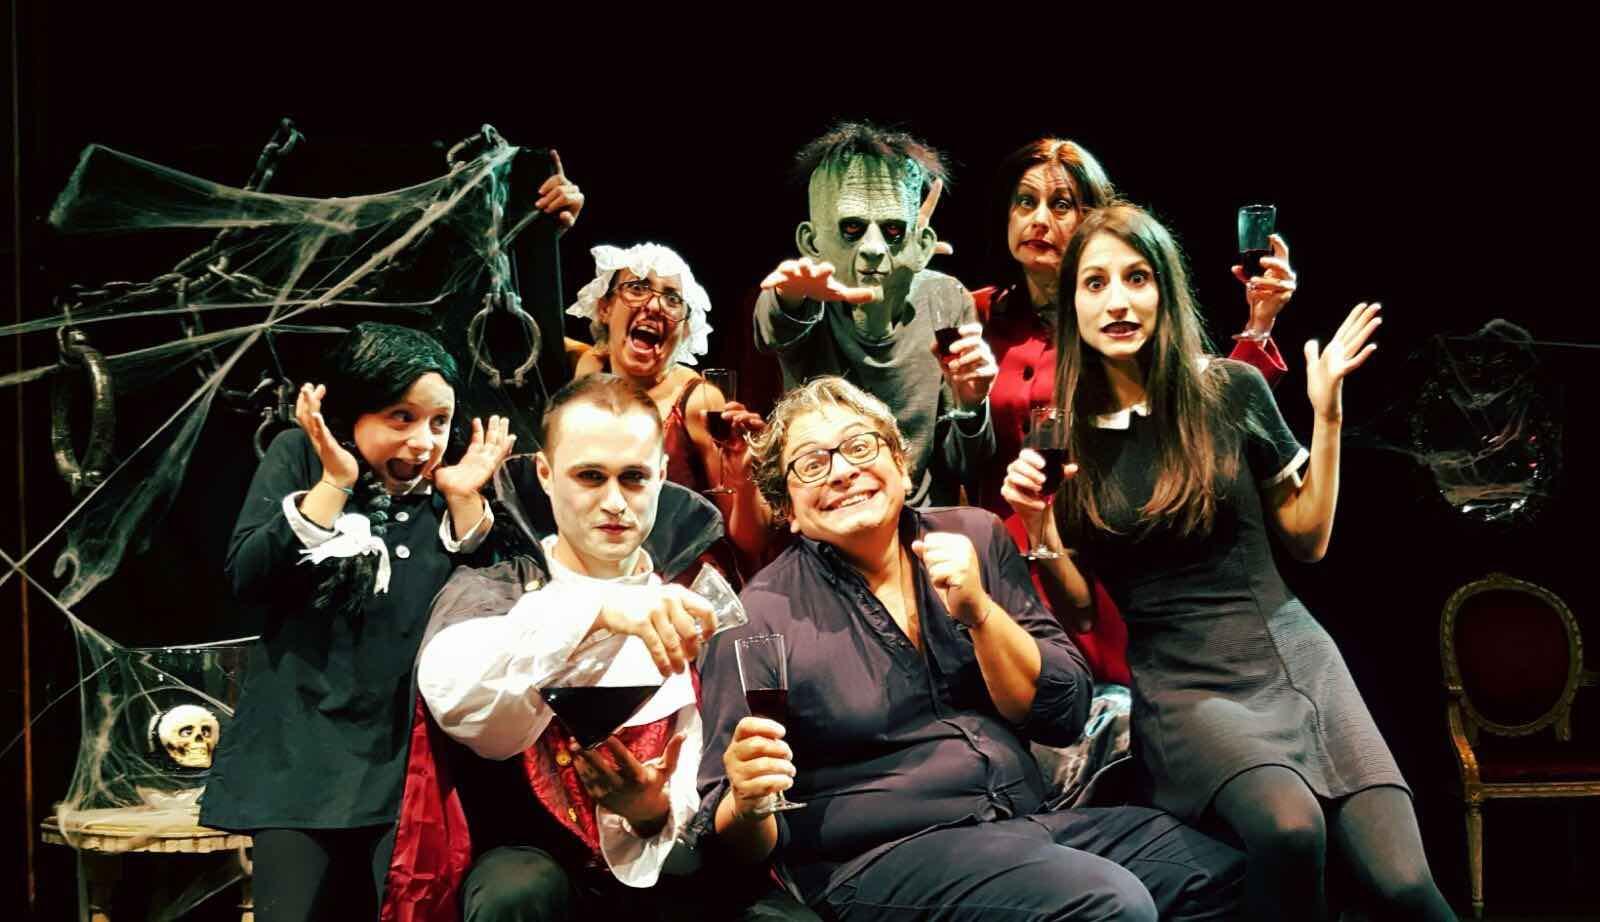 GG teatro manzoni family a ottobre